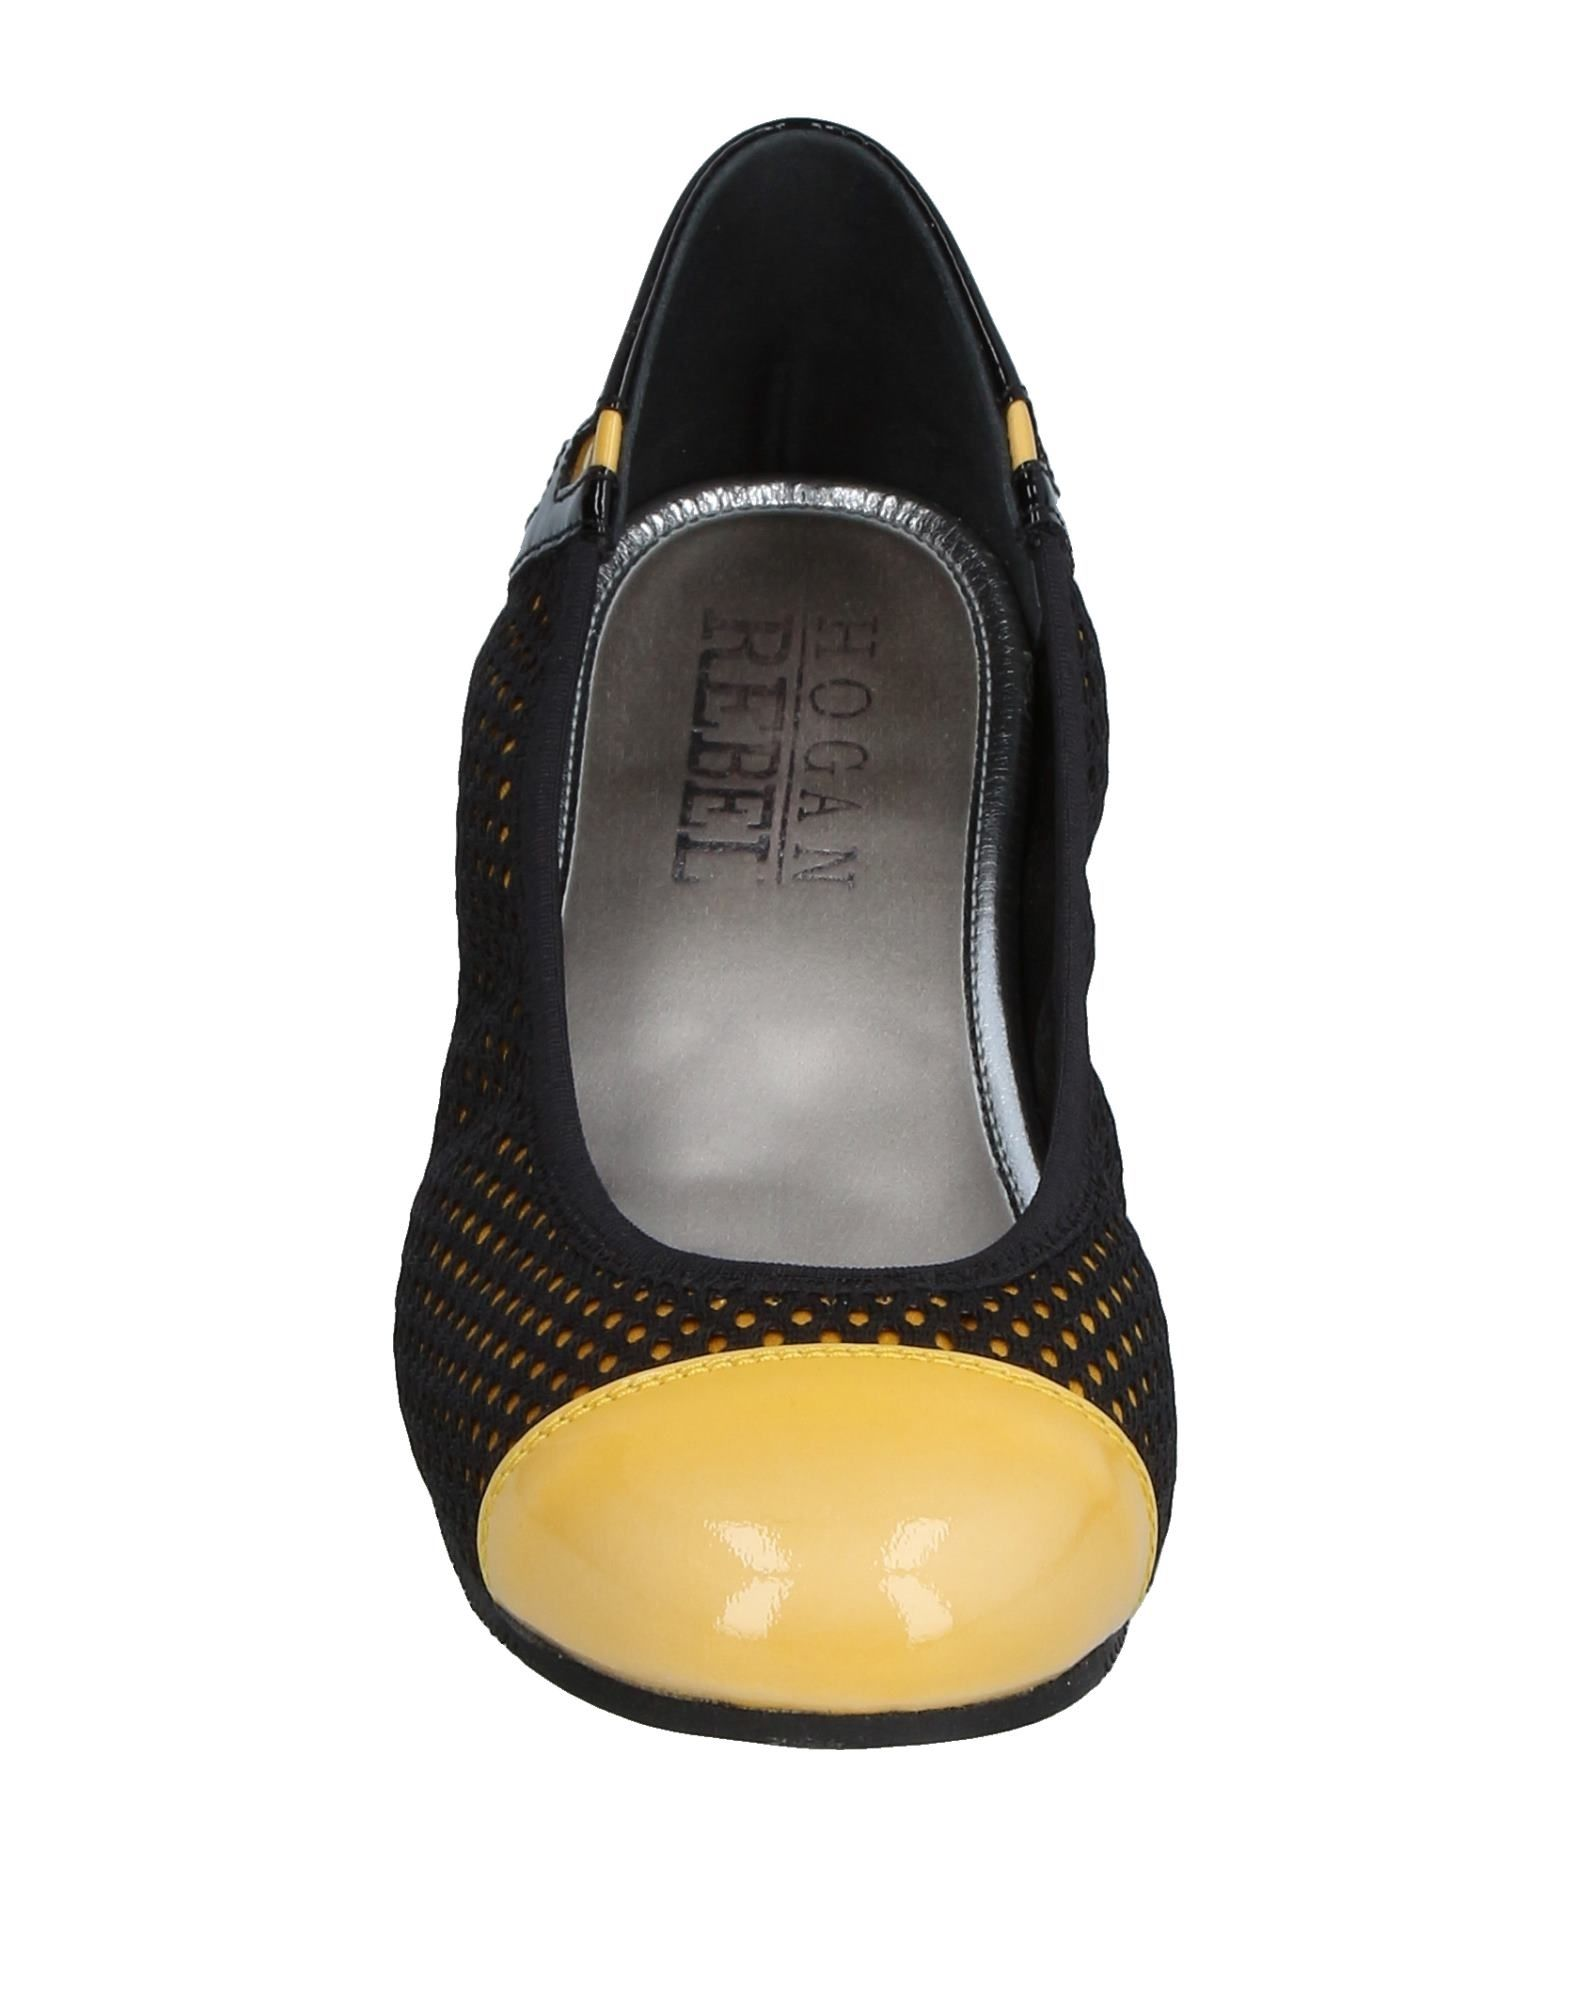 Hogan Rebel Ballerinas Preis-Leistungs-Verhältnis, Damen Gutes Preis-Leistungs-Verhältnis, Ballerinas es lohnt sich 2d35f5